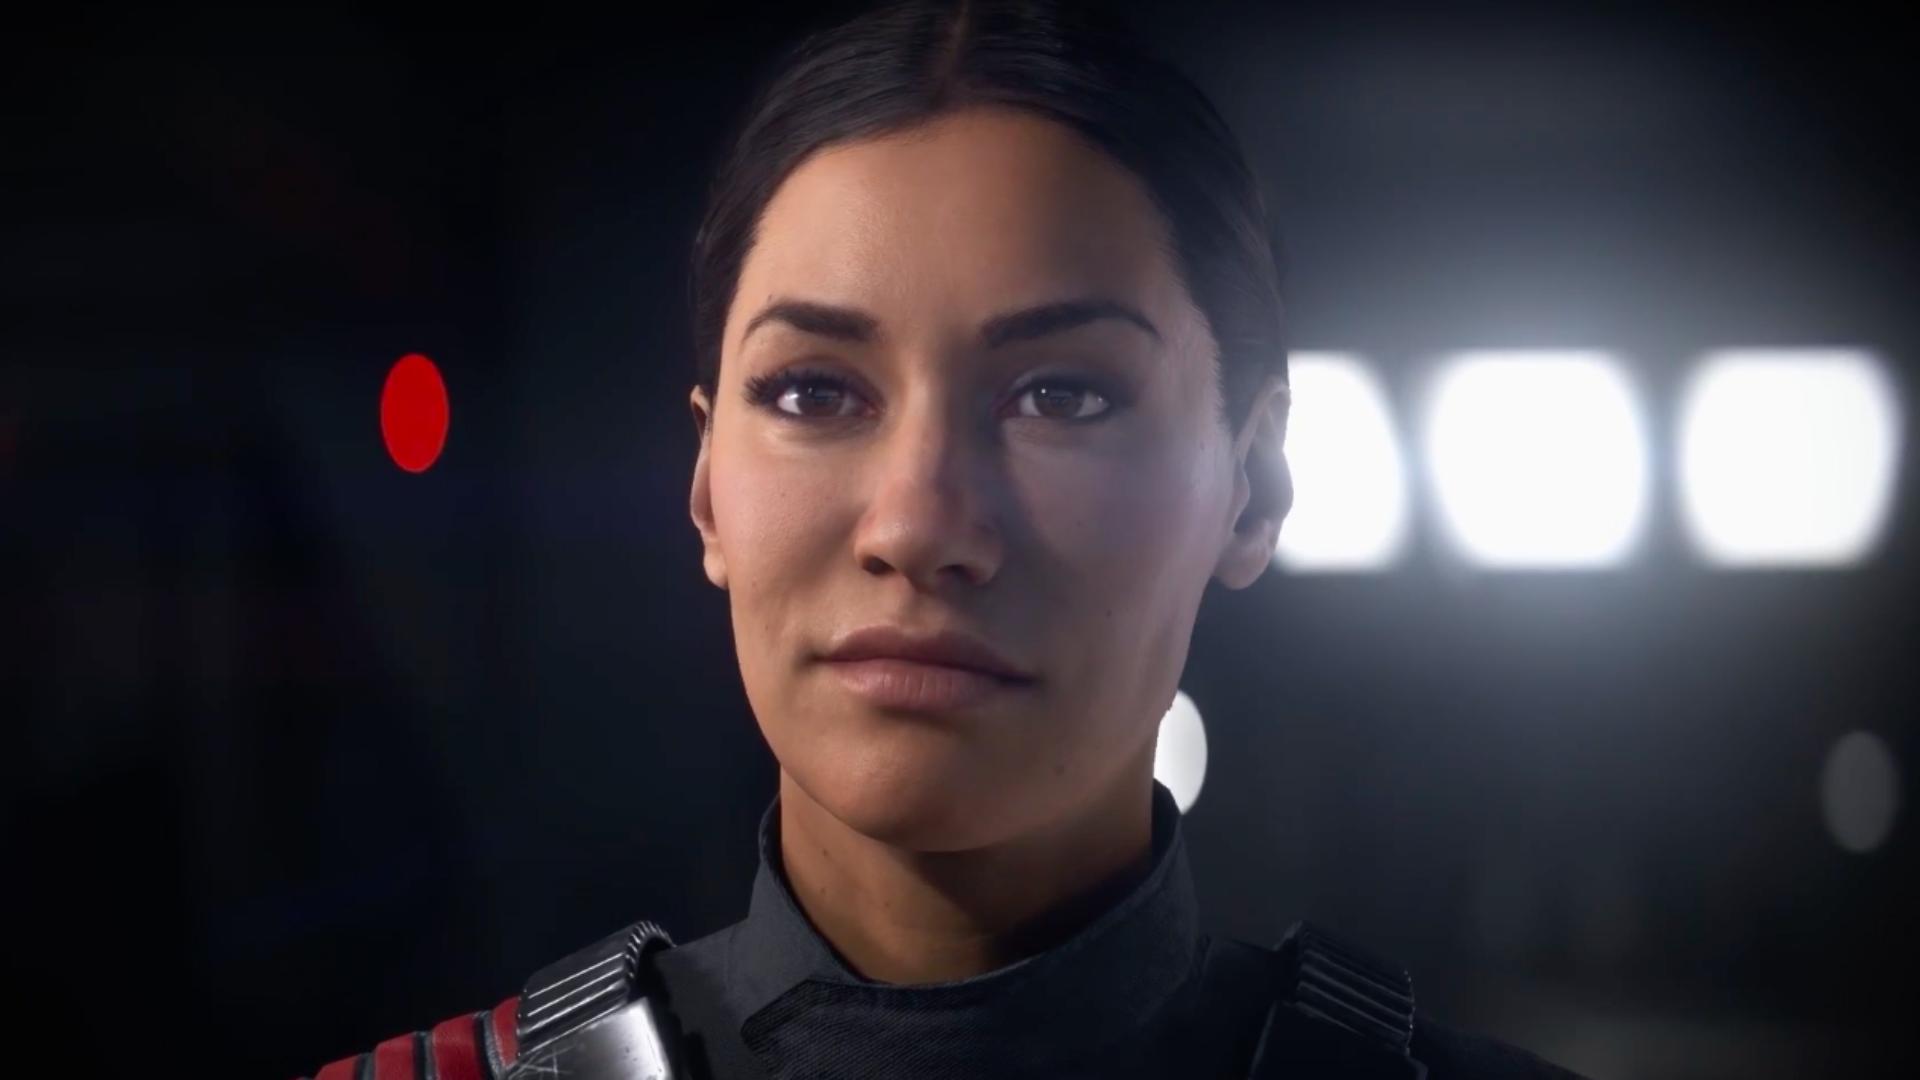 Iden Versio aus Battlefront 2 schwört, dass uns The Last Jedi umhauen wird